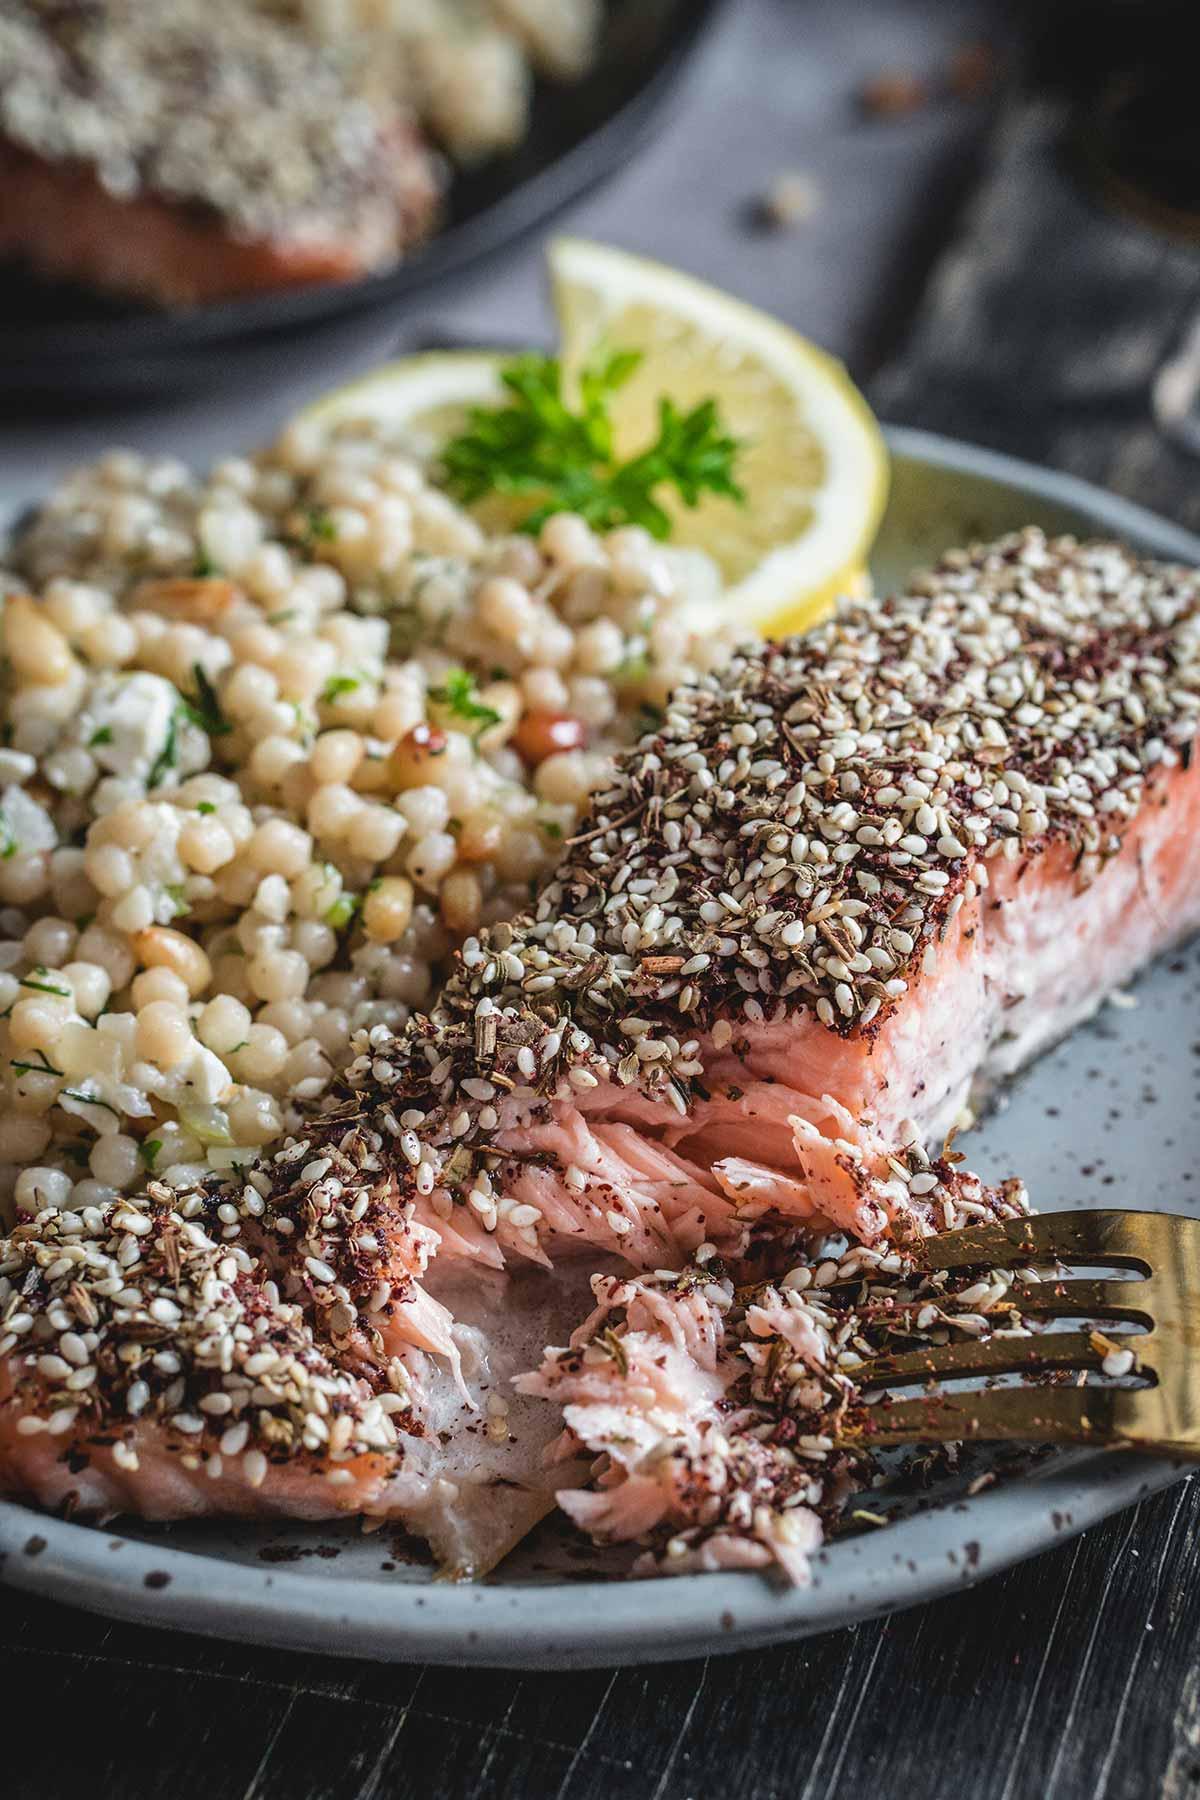 Zaatar roasted salmon with Israeli couscous